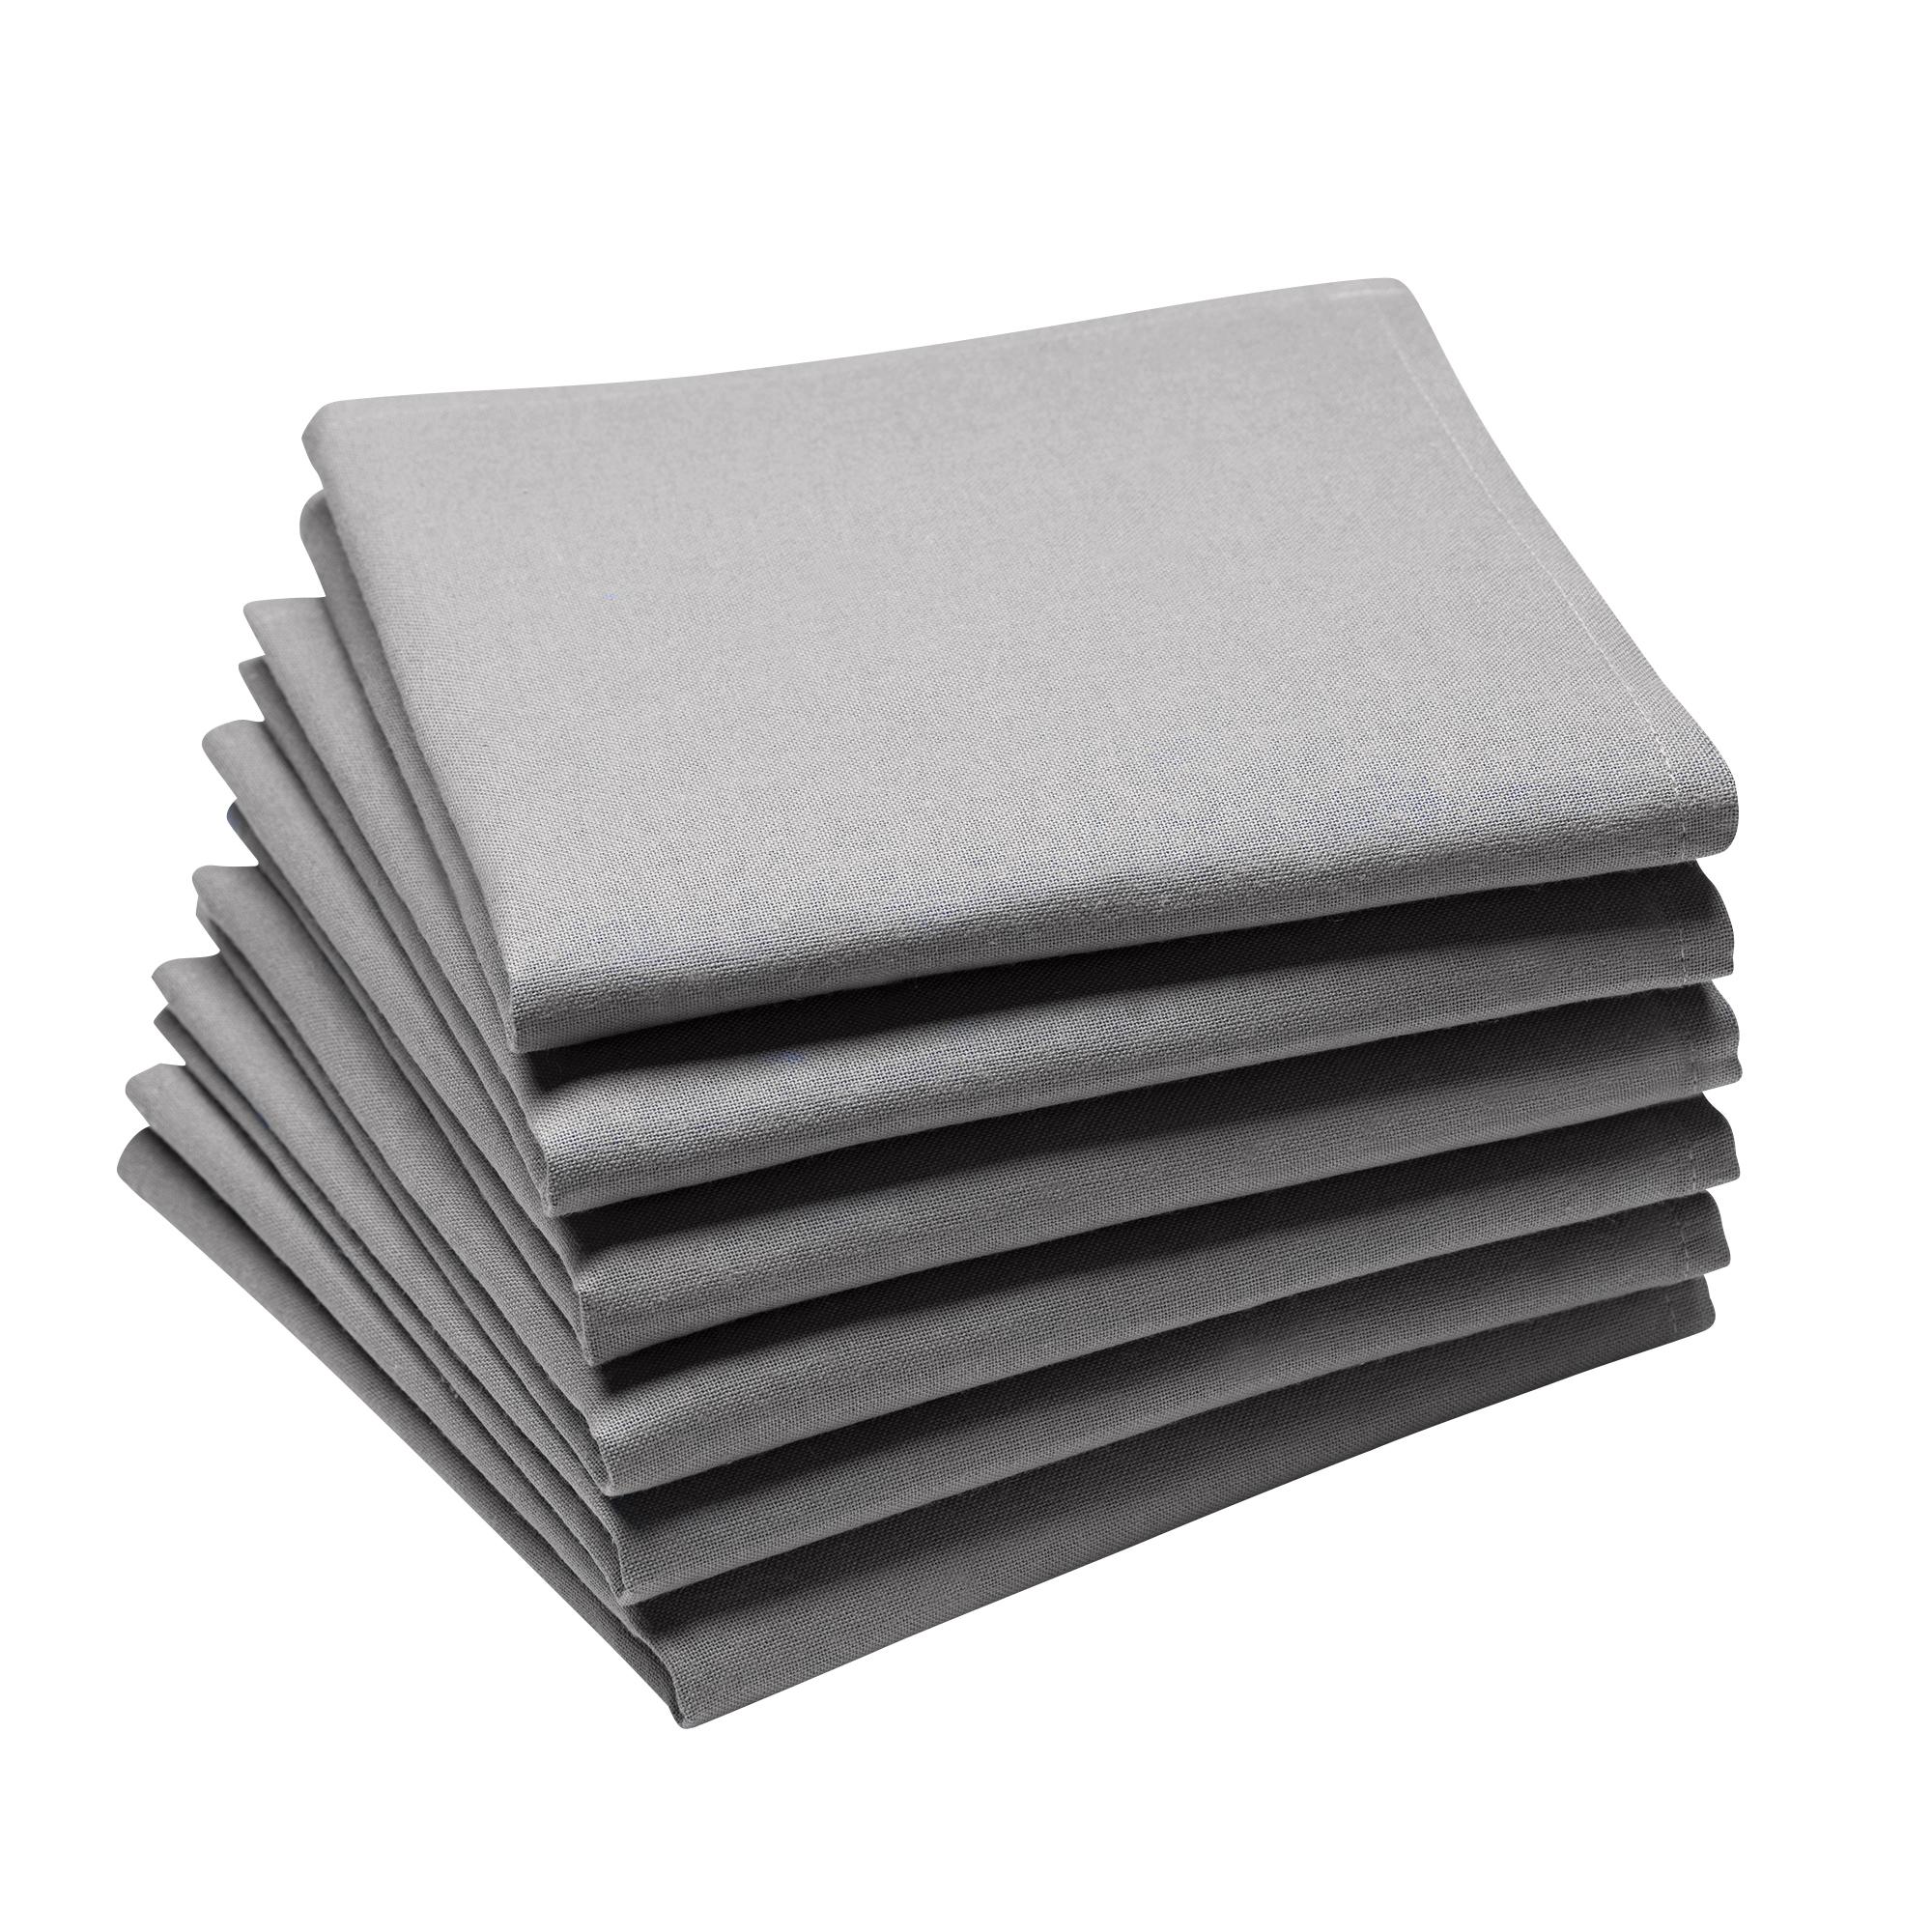 Lot de 6 serviettes en coton traite Teflon,  Galet 45 x 45